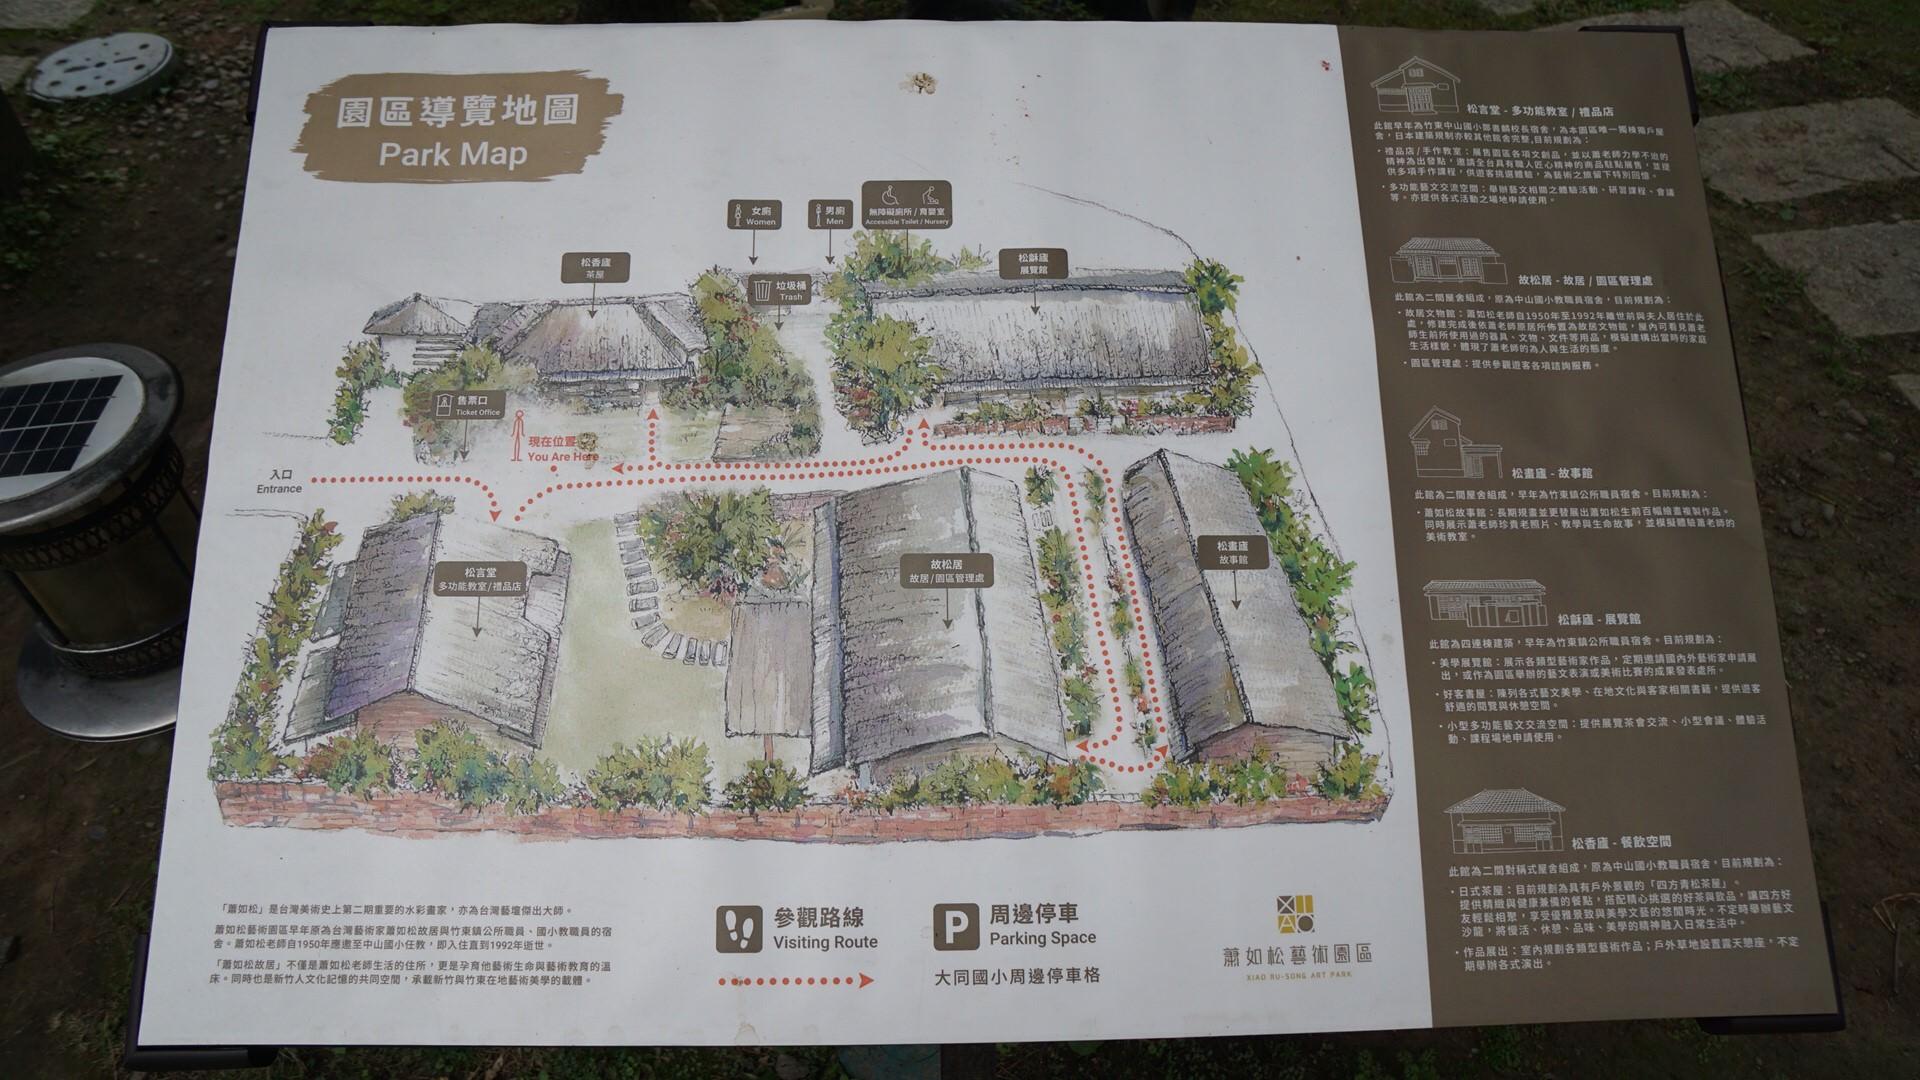 四方青松茶屋:蕭如松藝術園區餐廳,竹東美食:新竹日式老宅餐廳!輕鬆享受慢午茶時光